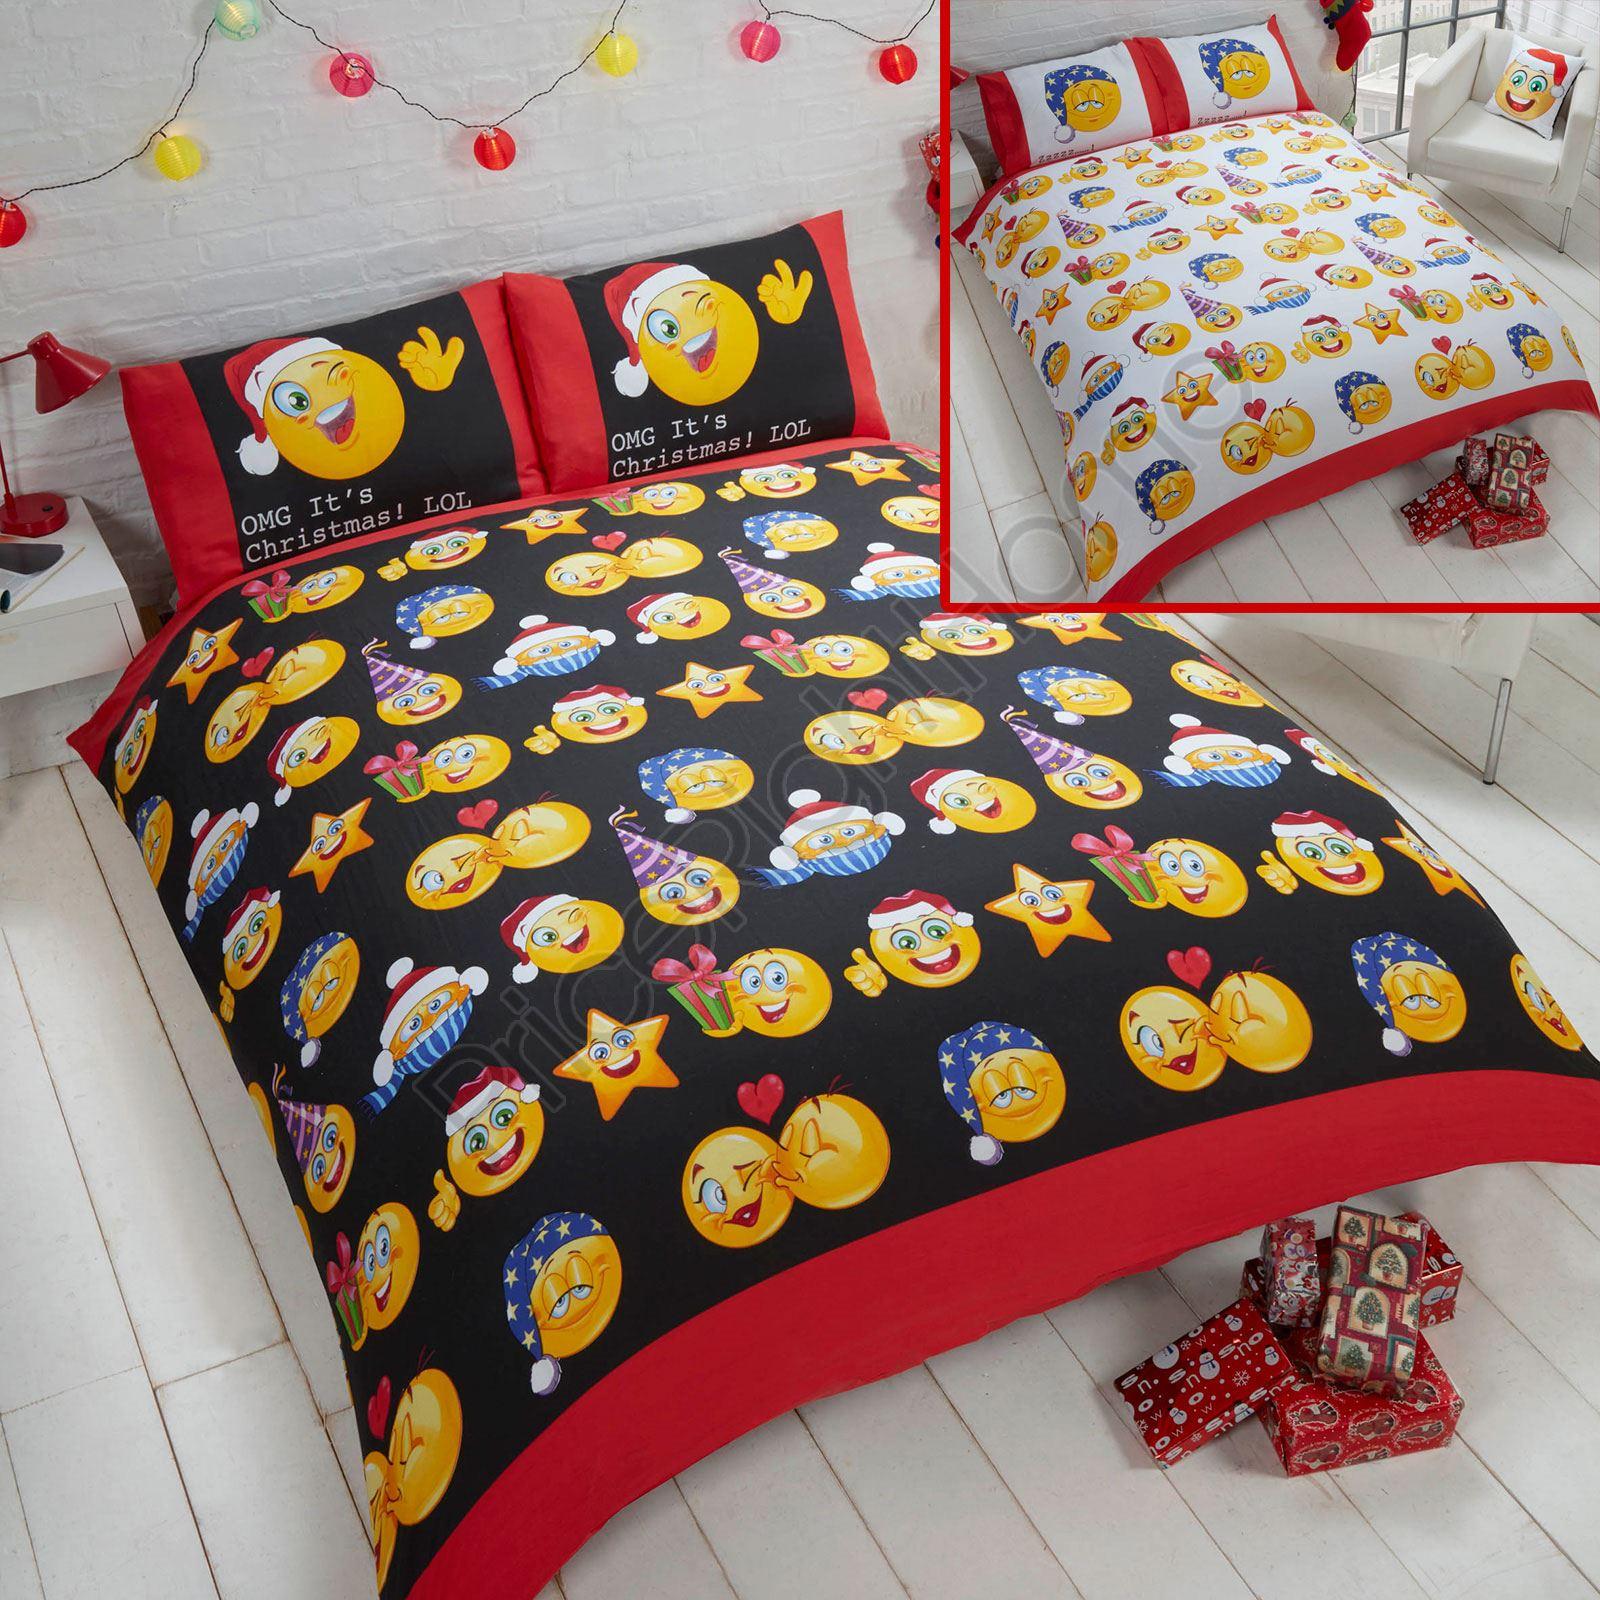 Indexbild 37 - Teenager Bettwäsche Sets - Einzel / Doppelbett Bettwäsche Jungen Musik Graffiti